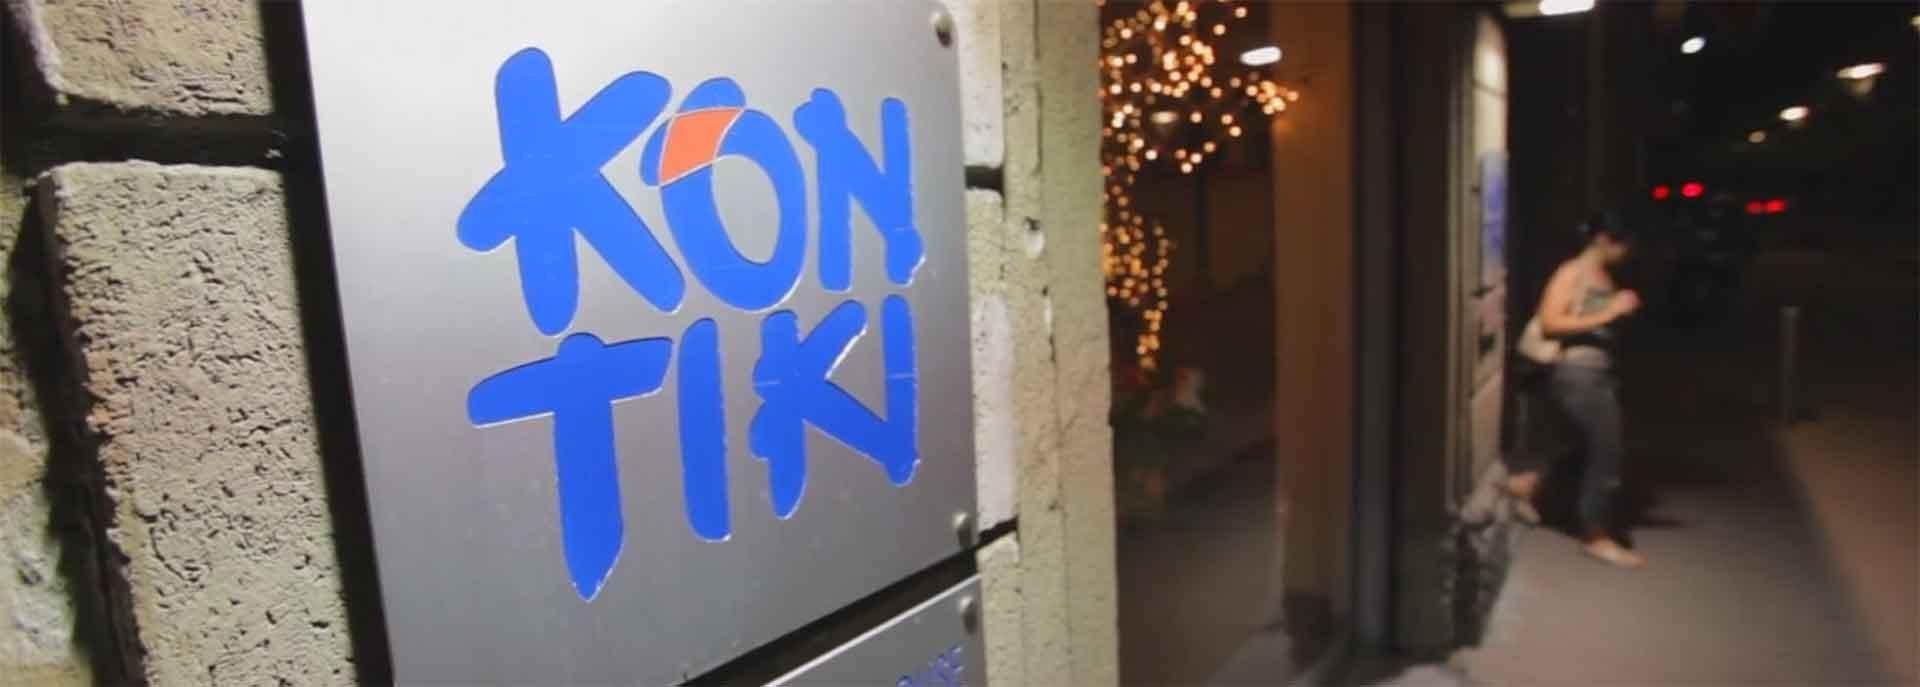 insegna Kon Tiki